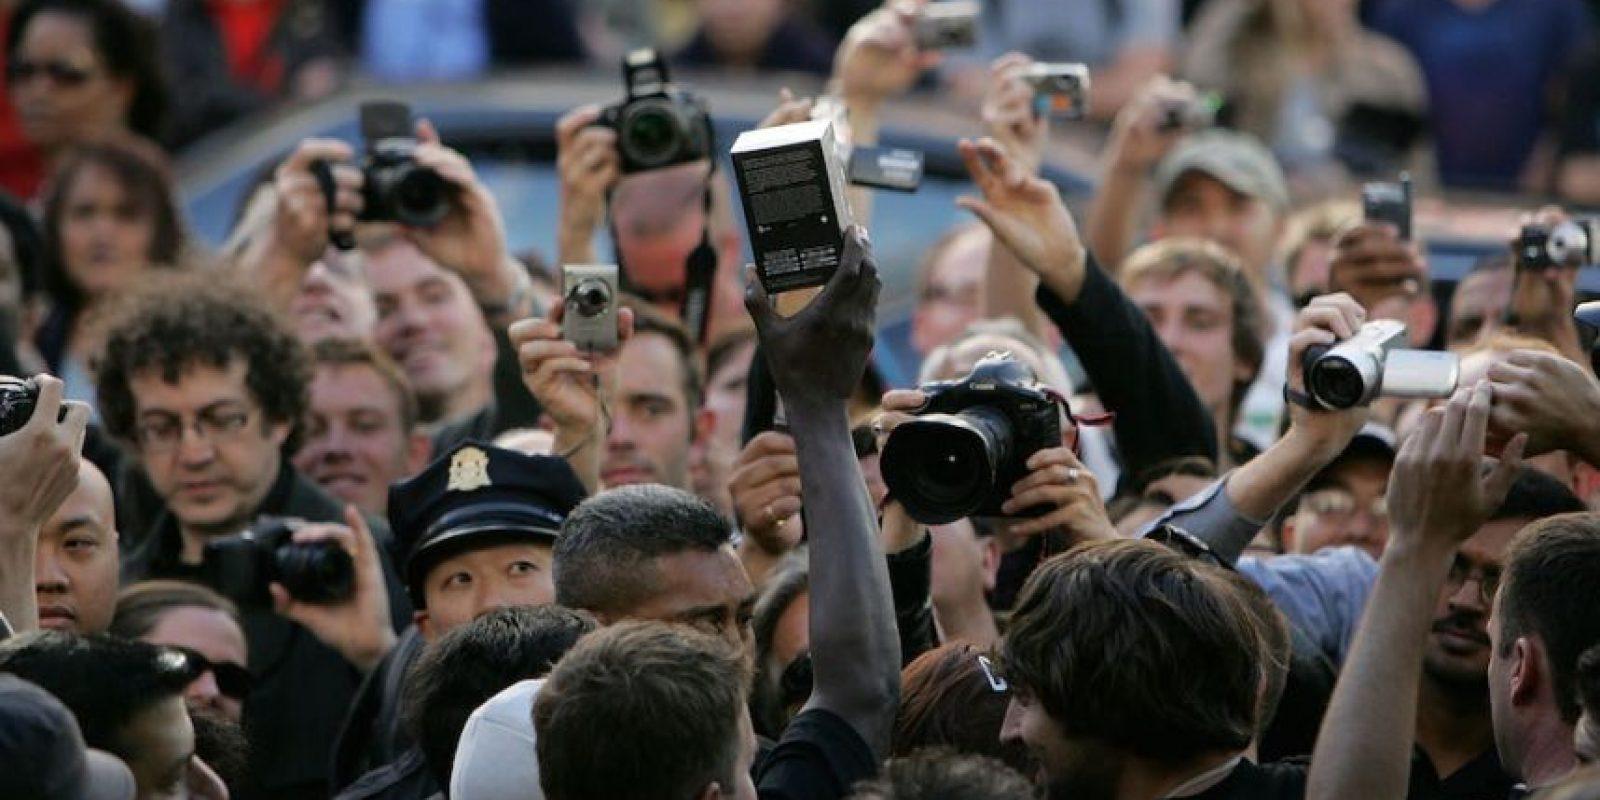 Todos emocionados por el dispositivo. Foto:Getty Images